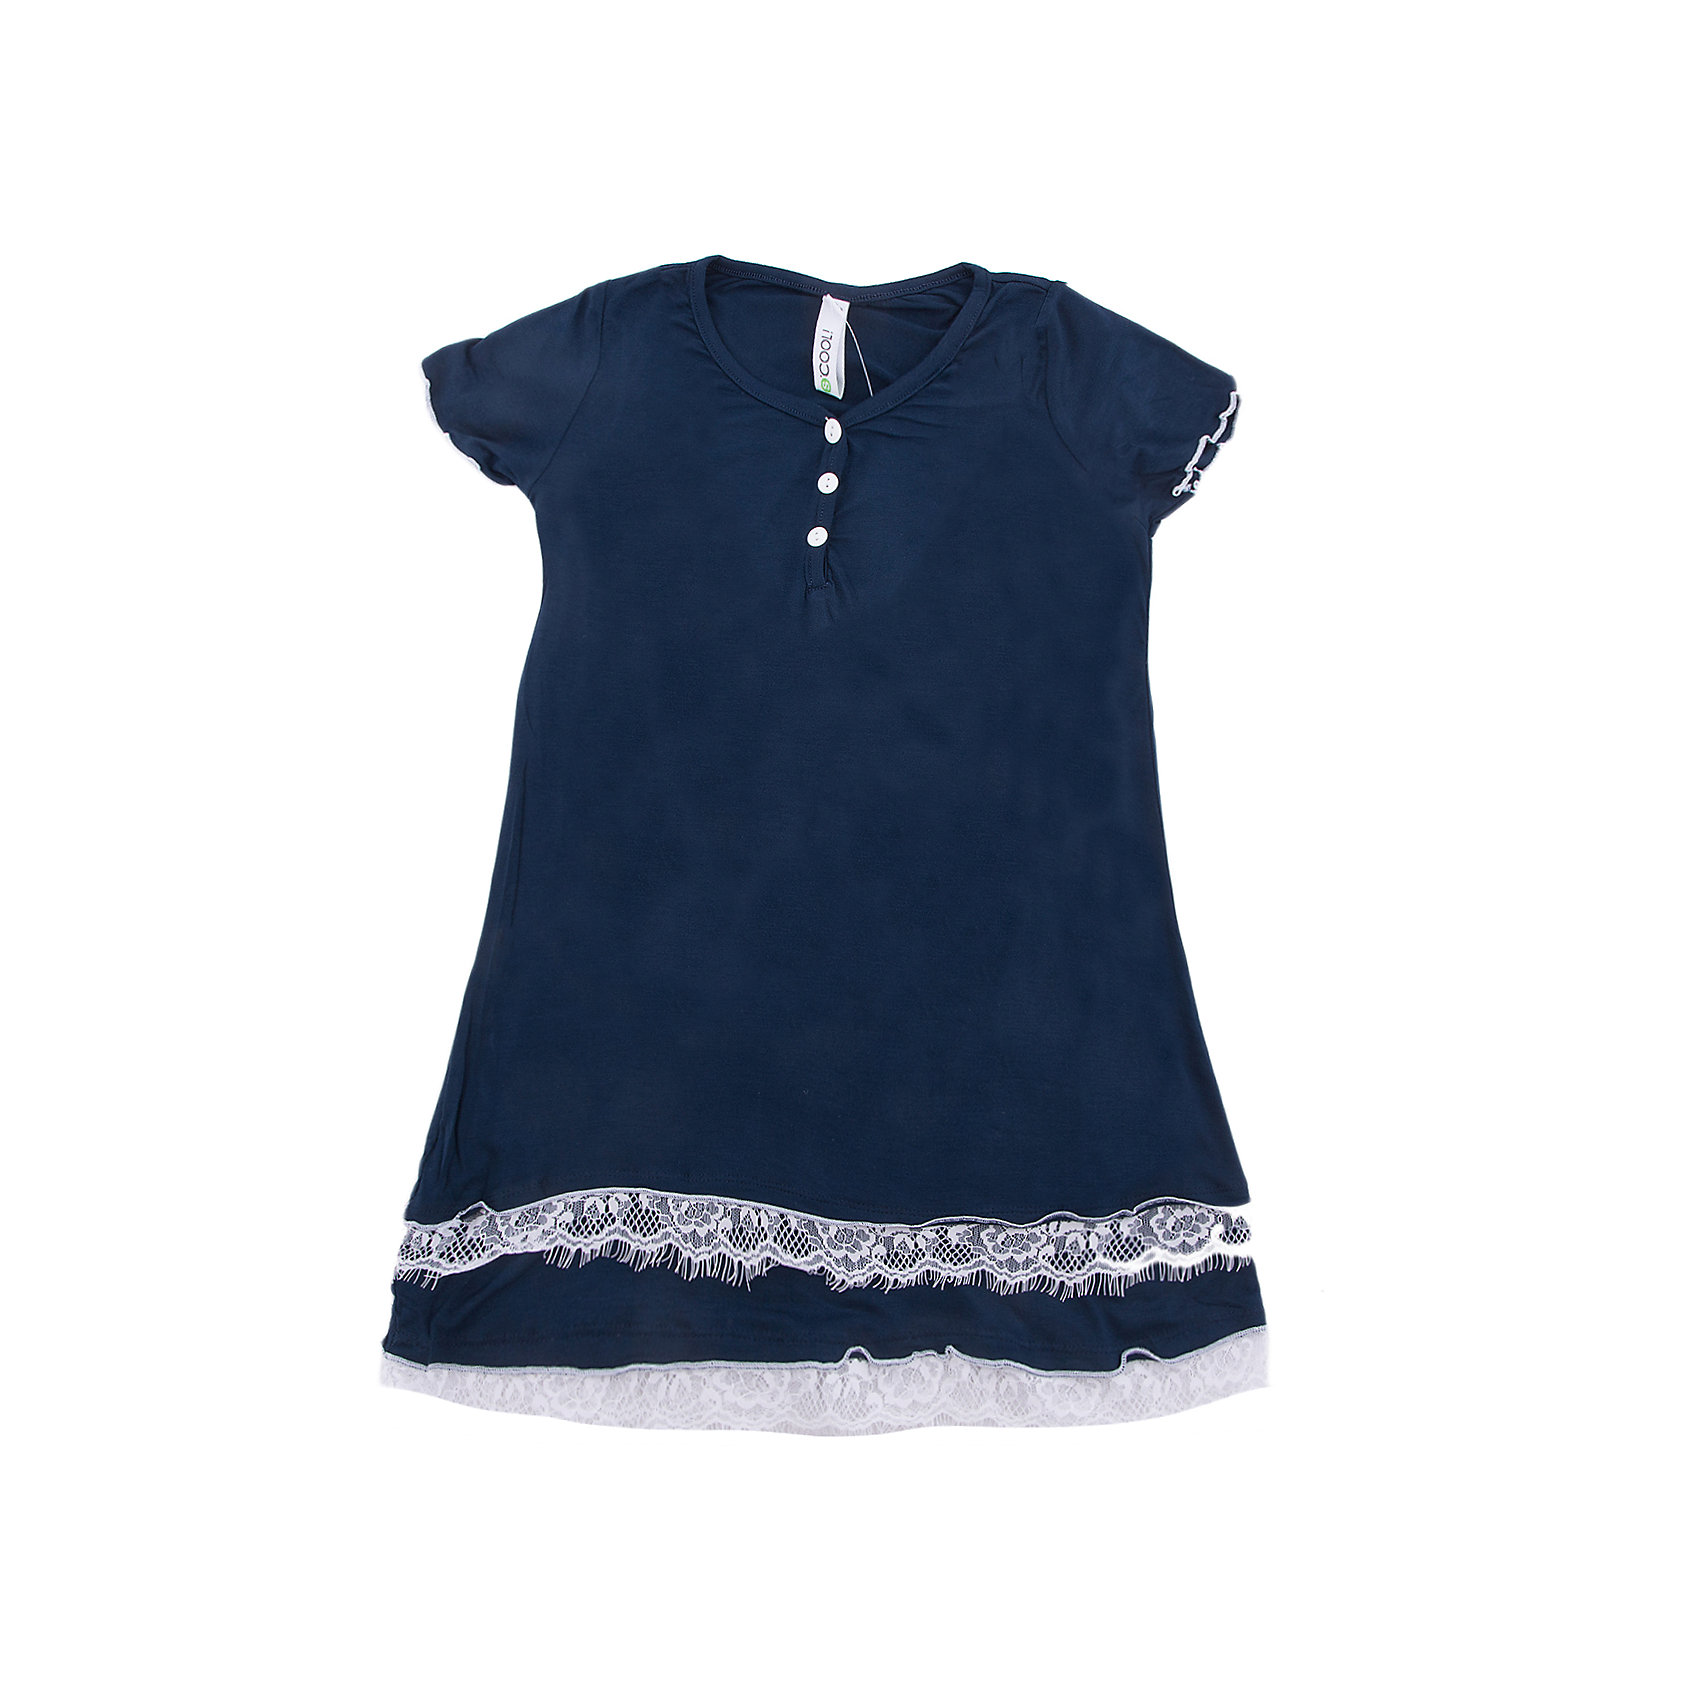 Ночная сорочка Scool для девочкиПижамы и сорочки<br>Характеристики товара:<br><br>• цвет: синий;<br>• состав: 95% вискоза, 5% эластан;<br>• сезон: круглый год;<br>• особенности: однотонная;<br>• на полочке есть пуговки;<br>• декорирована тесьмой;<br>• коллекция: Домашний уют;<br>• страна бренда: Германия;<br>• страна изготовитель: Китай.<br><br>Сорочка Scool для девочки. Эту уютную сорочку можно использовать не только для сна, но и в качестве домашней одежды. Модель из вискозы. За счет своей высокой гигроскопичности этот материал отлично впитывает лишюю влагу, прияттен к телу и не вызывает раздражений. На полочке расположен ряд аккуратных пуговиц. В качестве декора использована небольшая тесьма.<br><br>Ночную сорочку Scool для девочки (Скул) можно купить в нашем интернет-магазине.<br><br>Ширина мм: 281<br>Глубина мм: 70<br>Высота мм: 188<br>Вес г: 295<br>Цвет: белый<br>Возраст от месяцев: 156<br>Возраст до месяцев: 168<br>Пол: Женский<br>Возраст: Детский<br>Размер: 164,134,140,146,152,158<br>SKU: 7105715